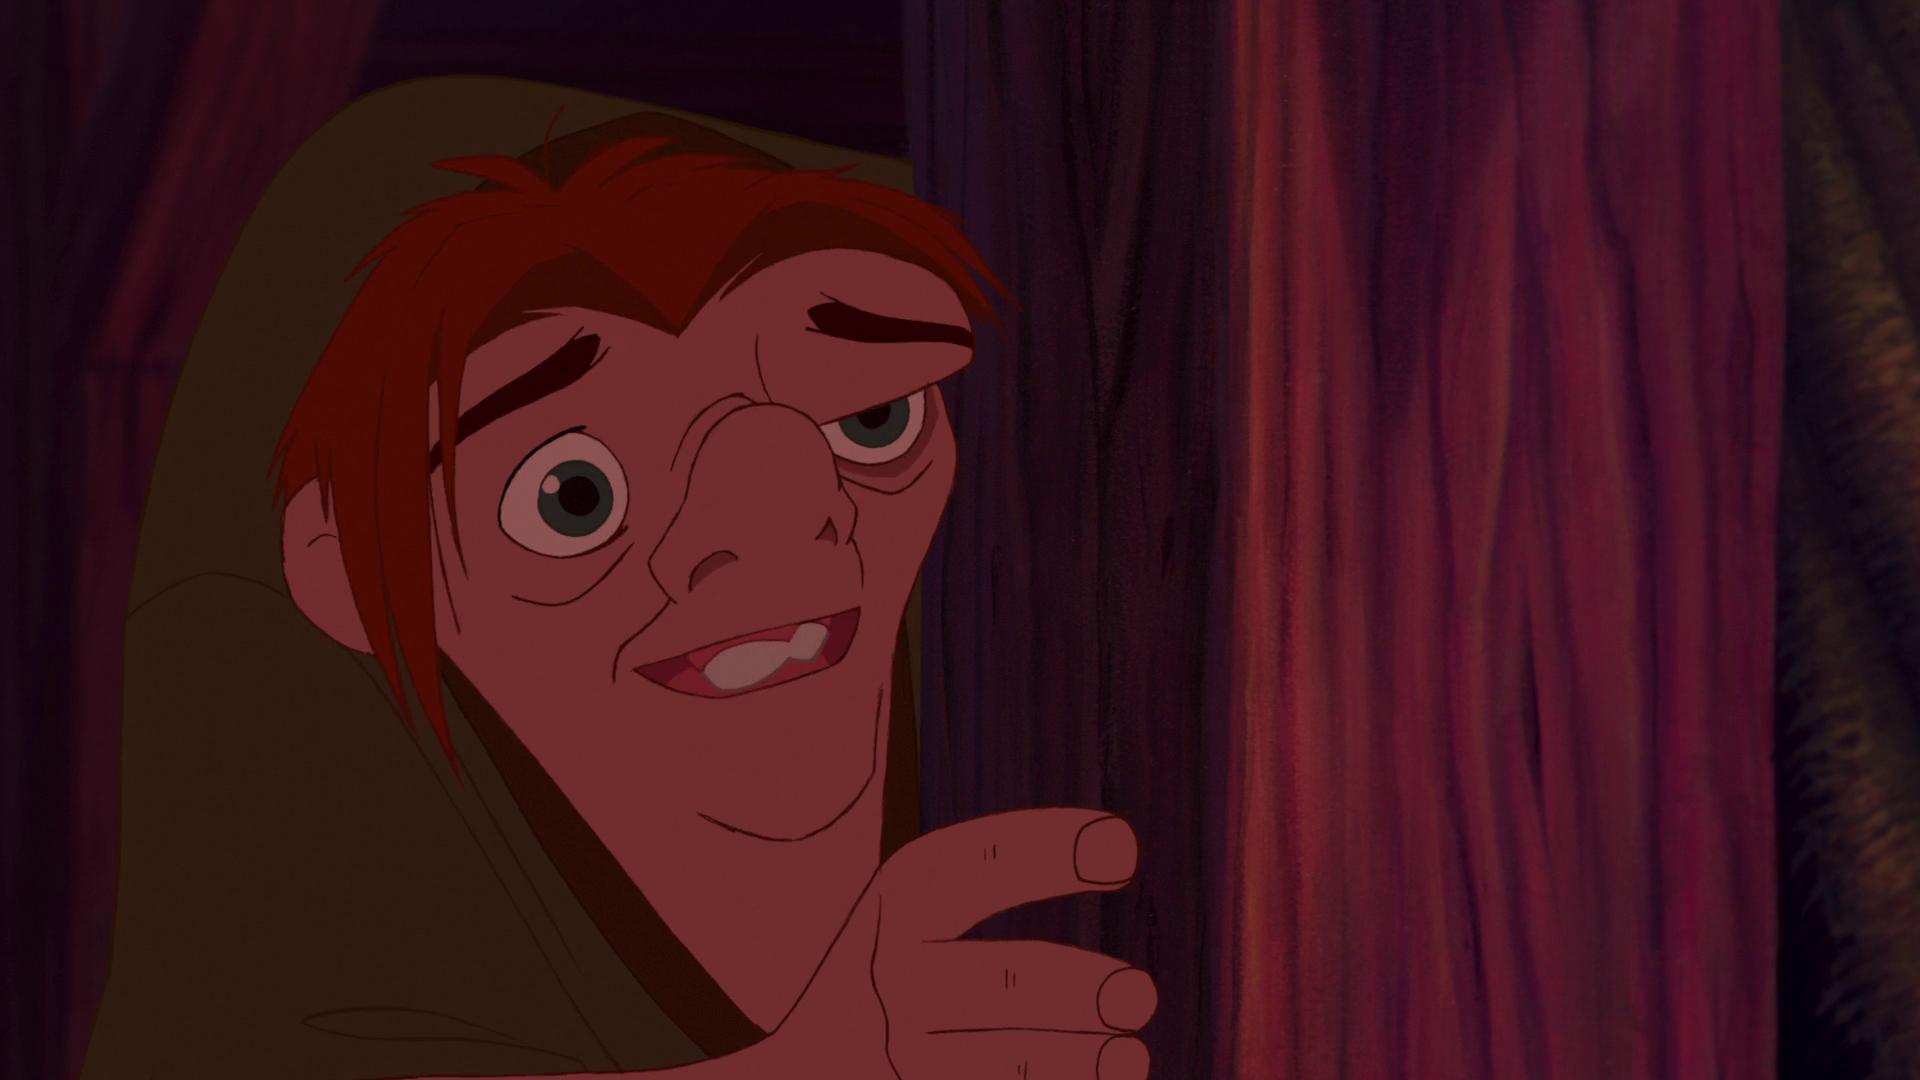 Quasimodo Disney Image - Quasimodo 76.P...